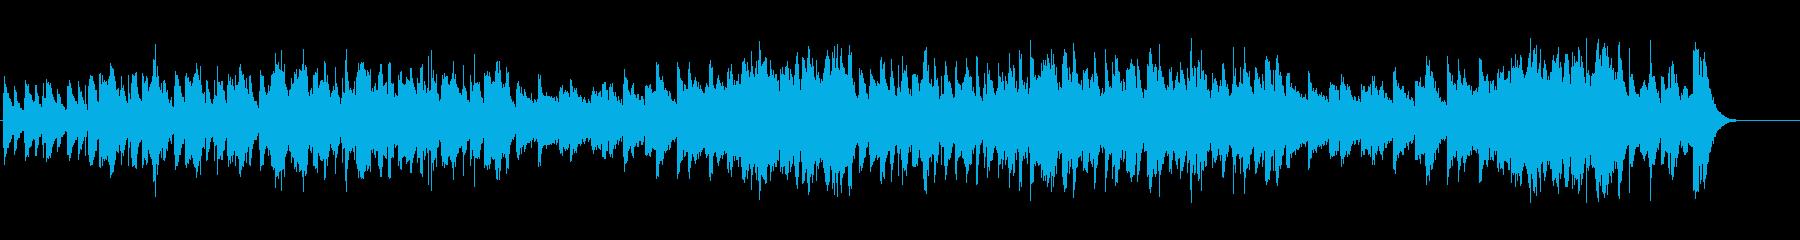 ティンホイッスルとバグパイプの軽快な曲の再生済みの波形